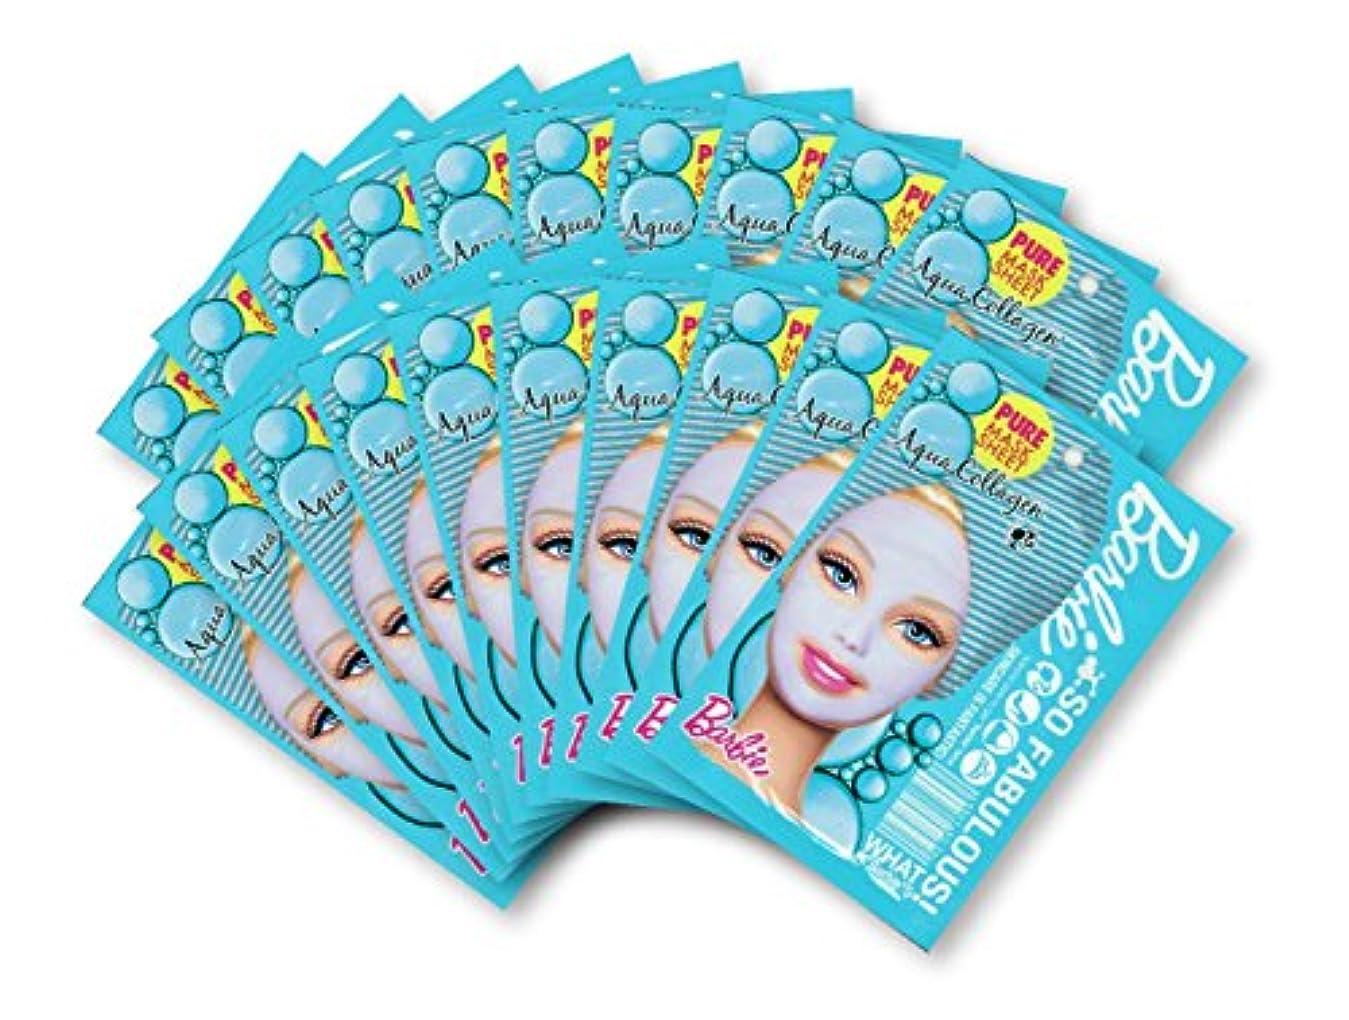 食料品店出席するトラックバービー (Barbie) フェイスマスク ピュアマスクシートN (コラーゲン) 25ml×20枚入り [弾力] 顔 シートマスク フェイスパック